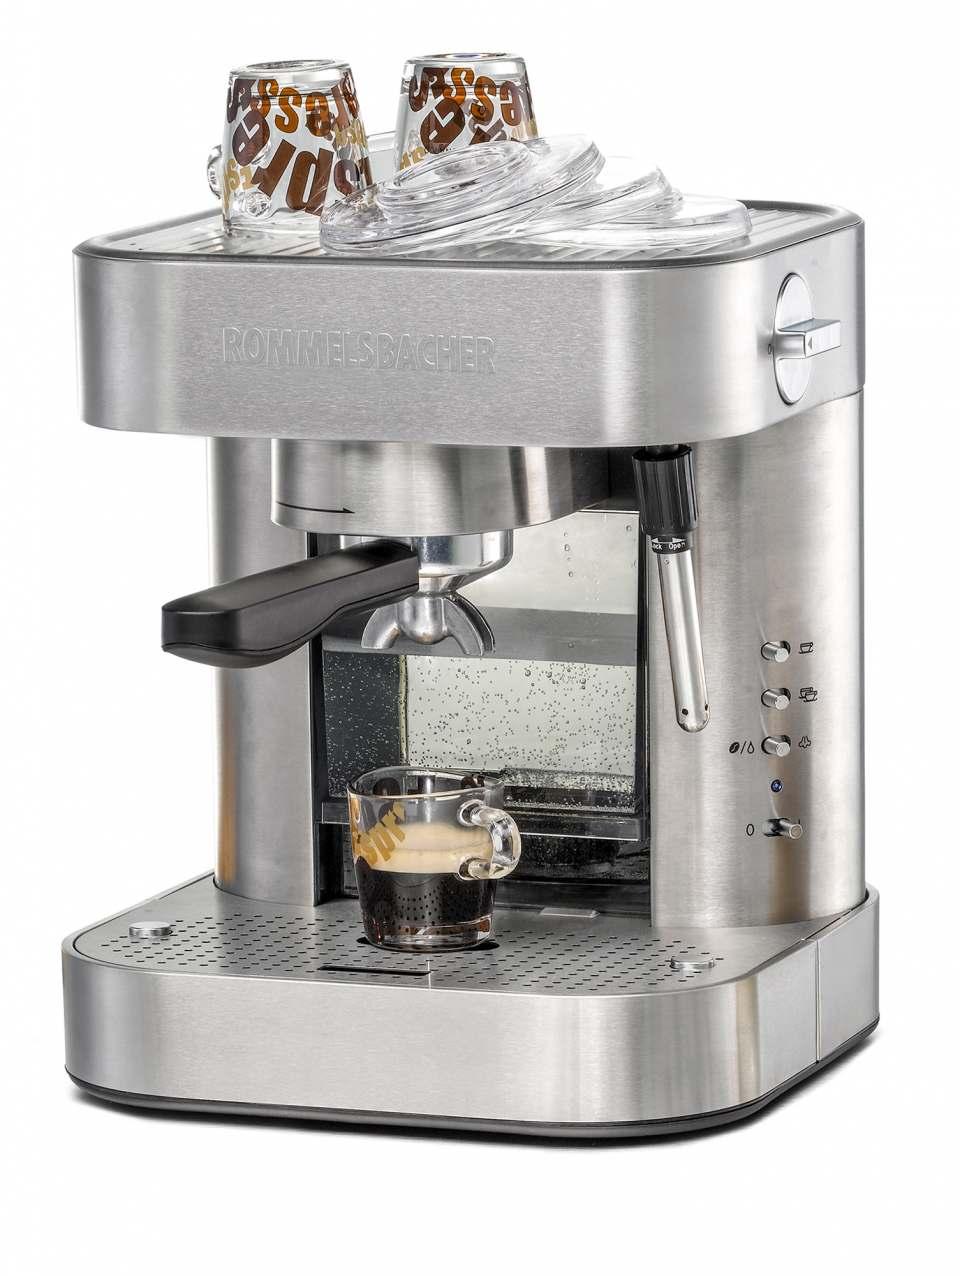 Rommelsbacher Espressomaschine EKS 2010 bereitet Espresso, Cappuccino, Heißwasser für Tee.